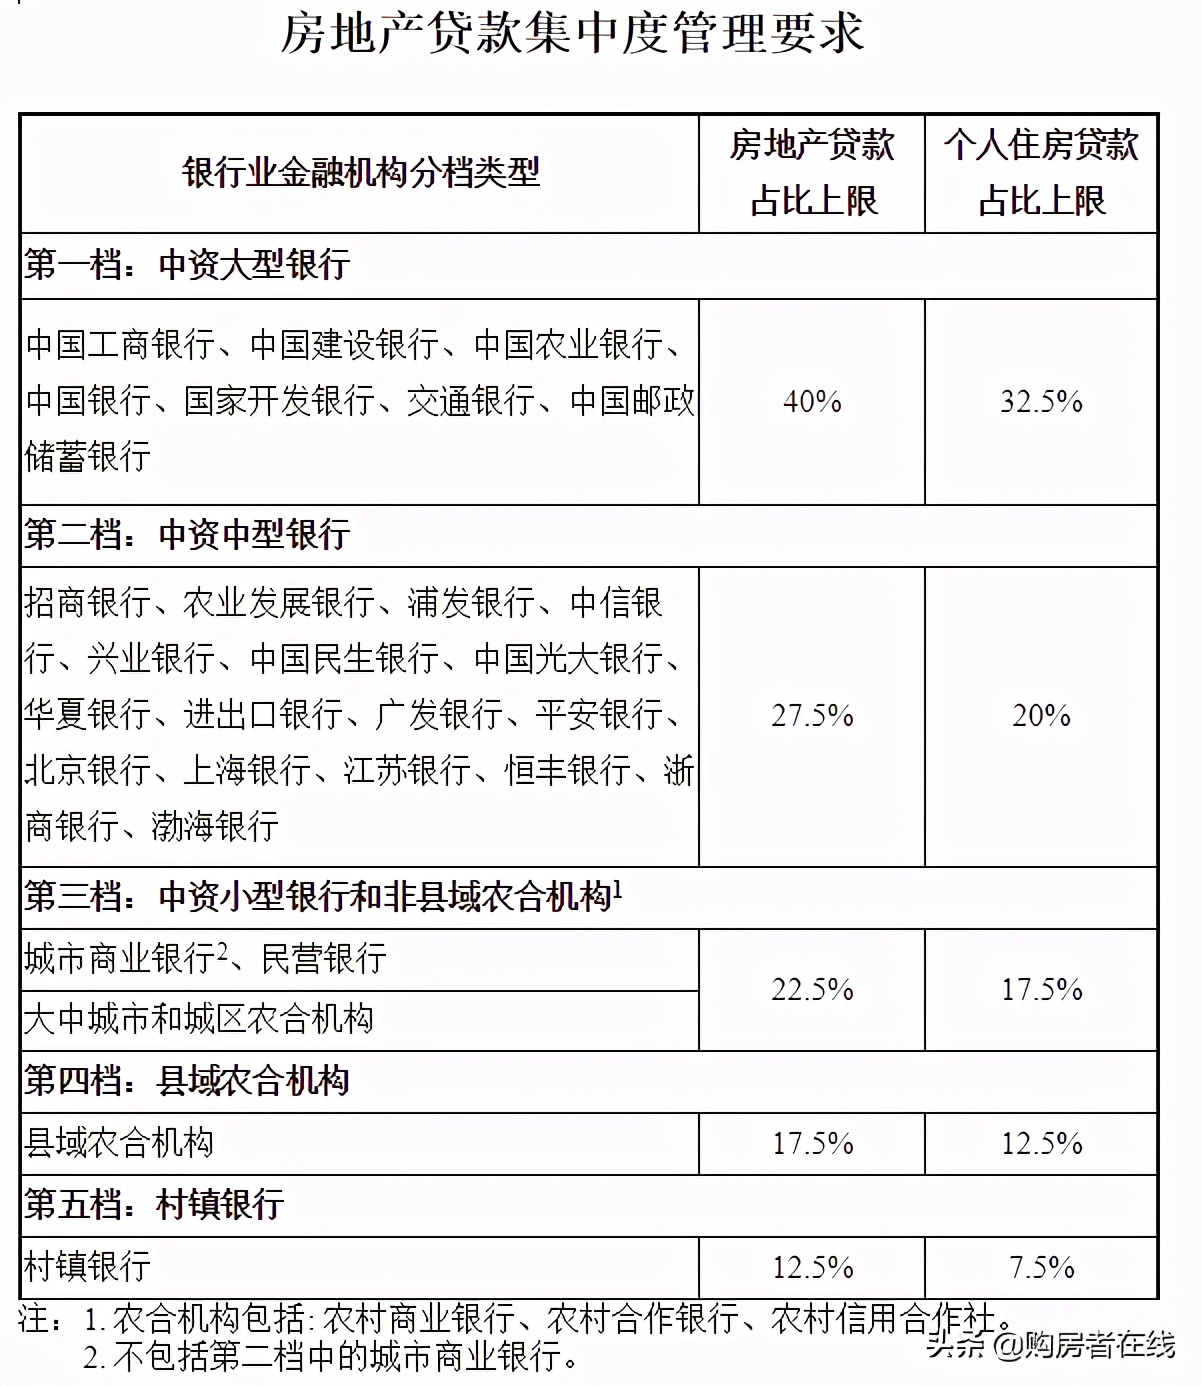 惠州房貸利率、首付比例要上調?某行回應:門檻將會提高